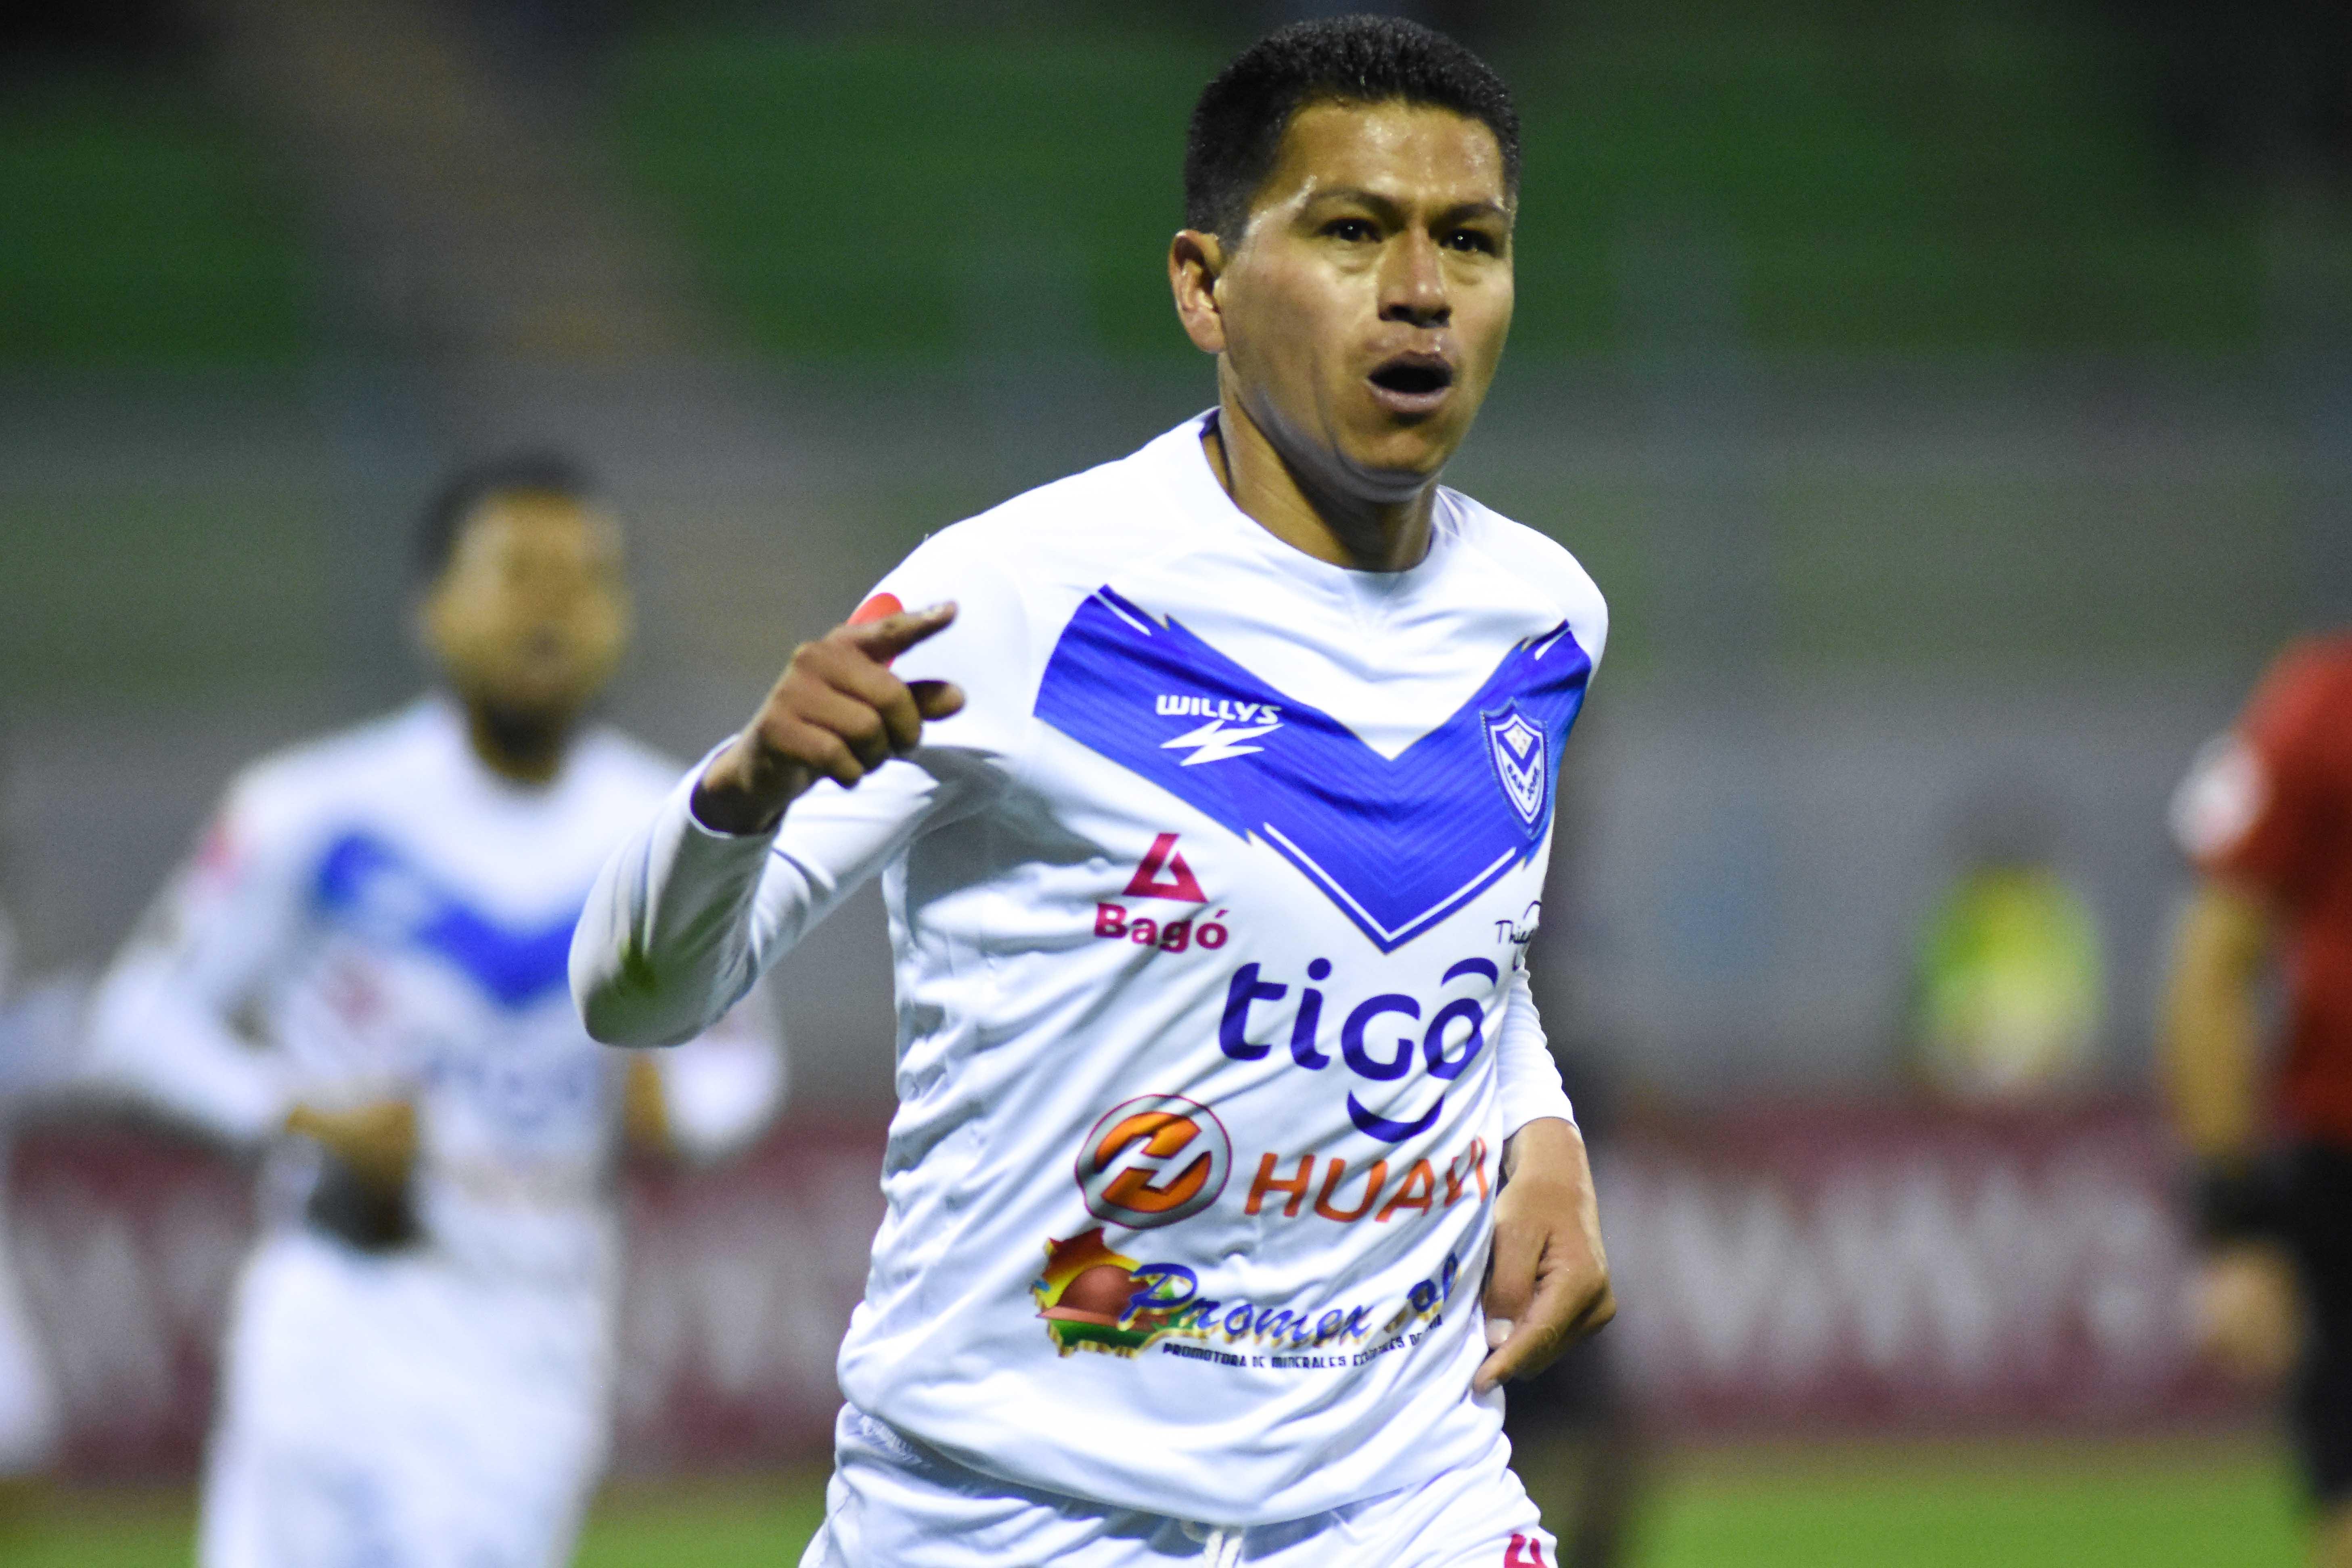 Saucedo iguala récord de Álvaro Peña en San José